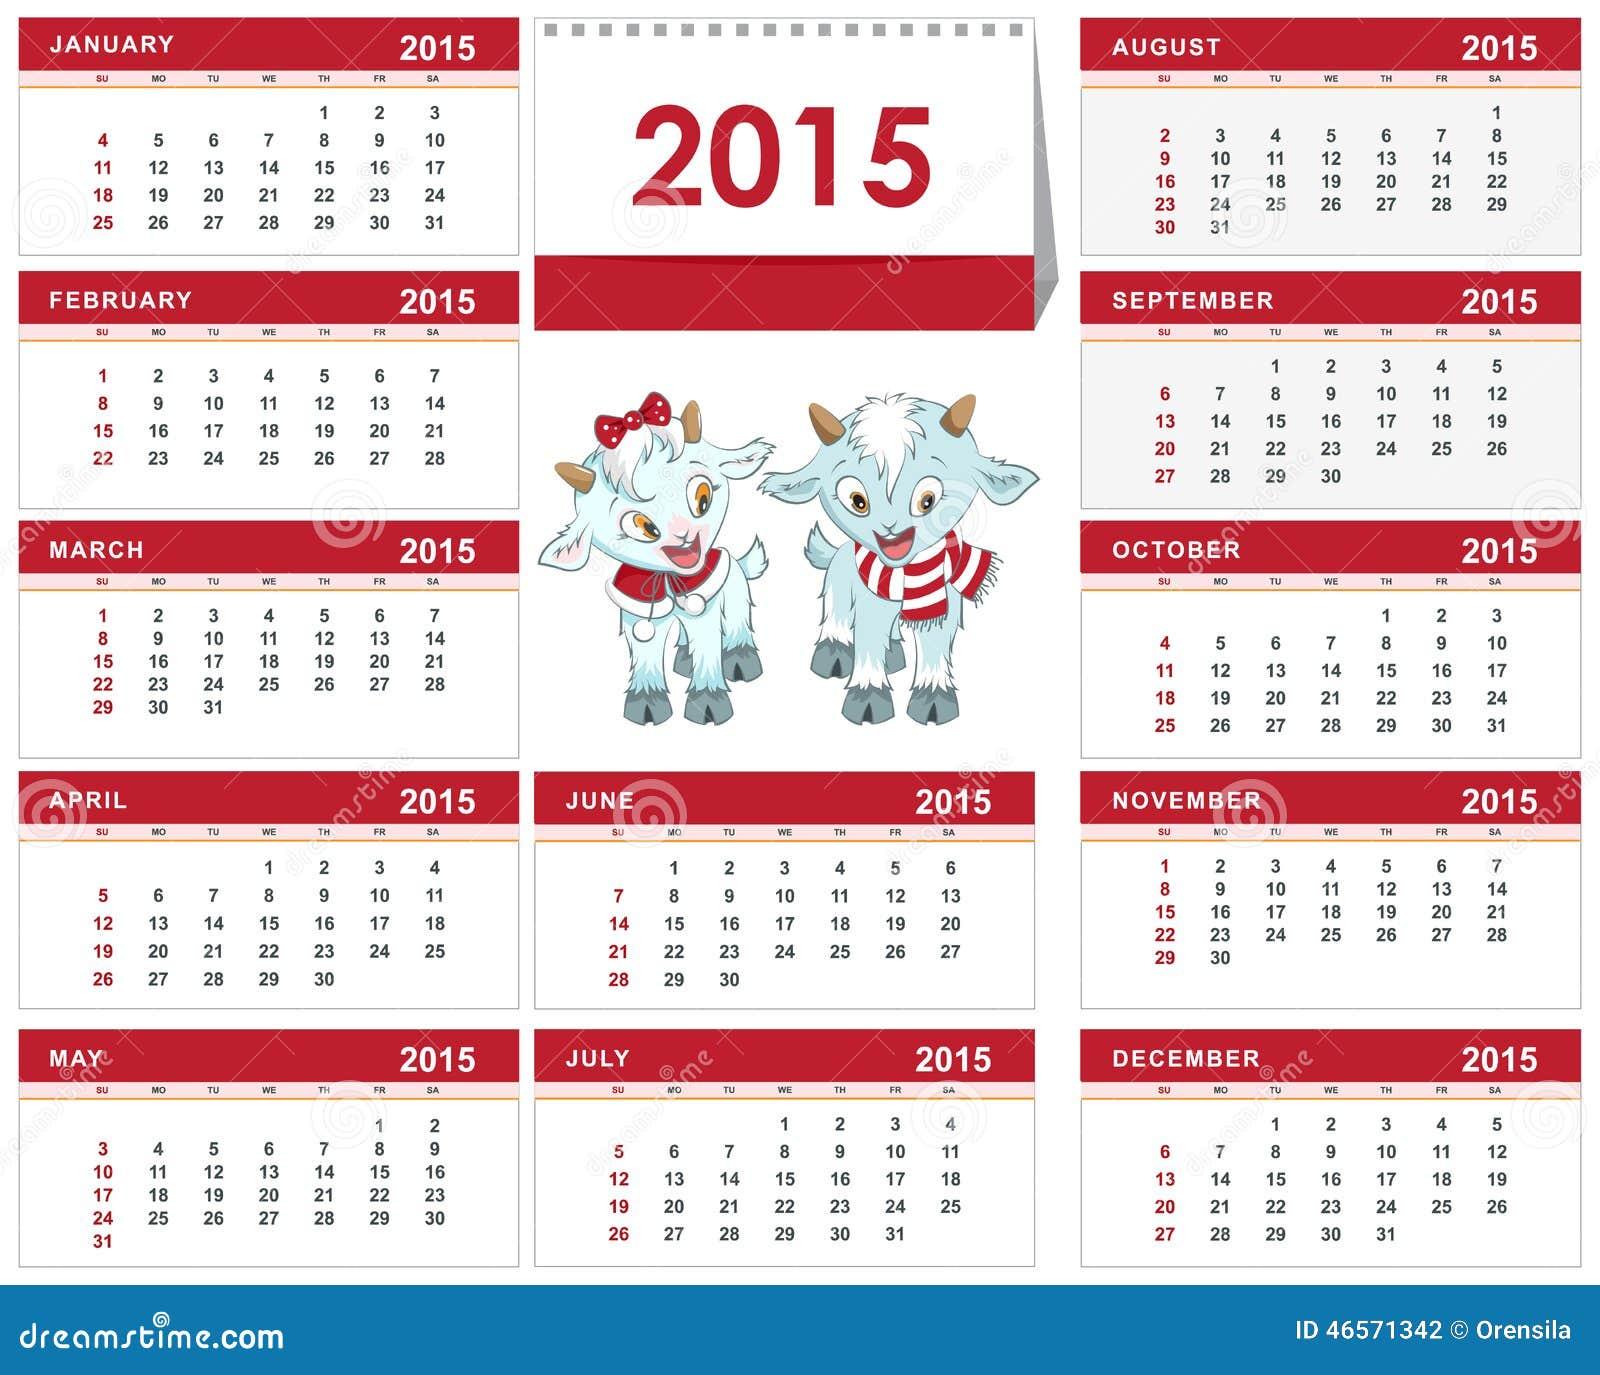 Шаблон календаря на 2015 год.  Веселые козлята, иллюстрация 6638434 (c) Алексей Григорьев / Фотобанк Лори.